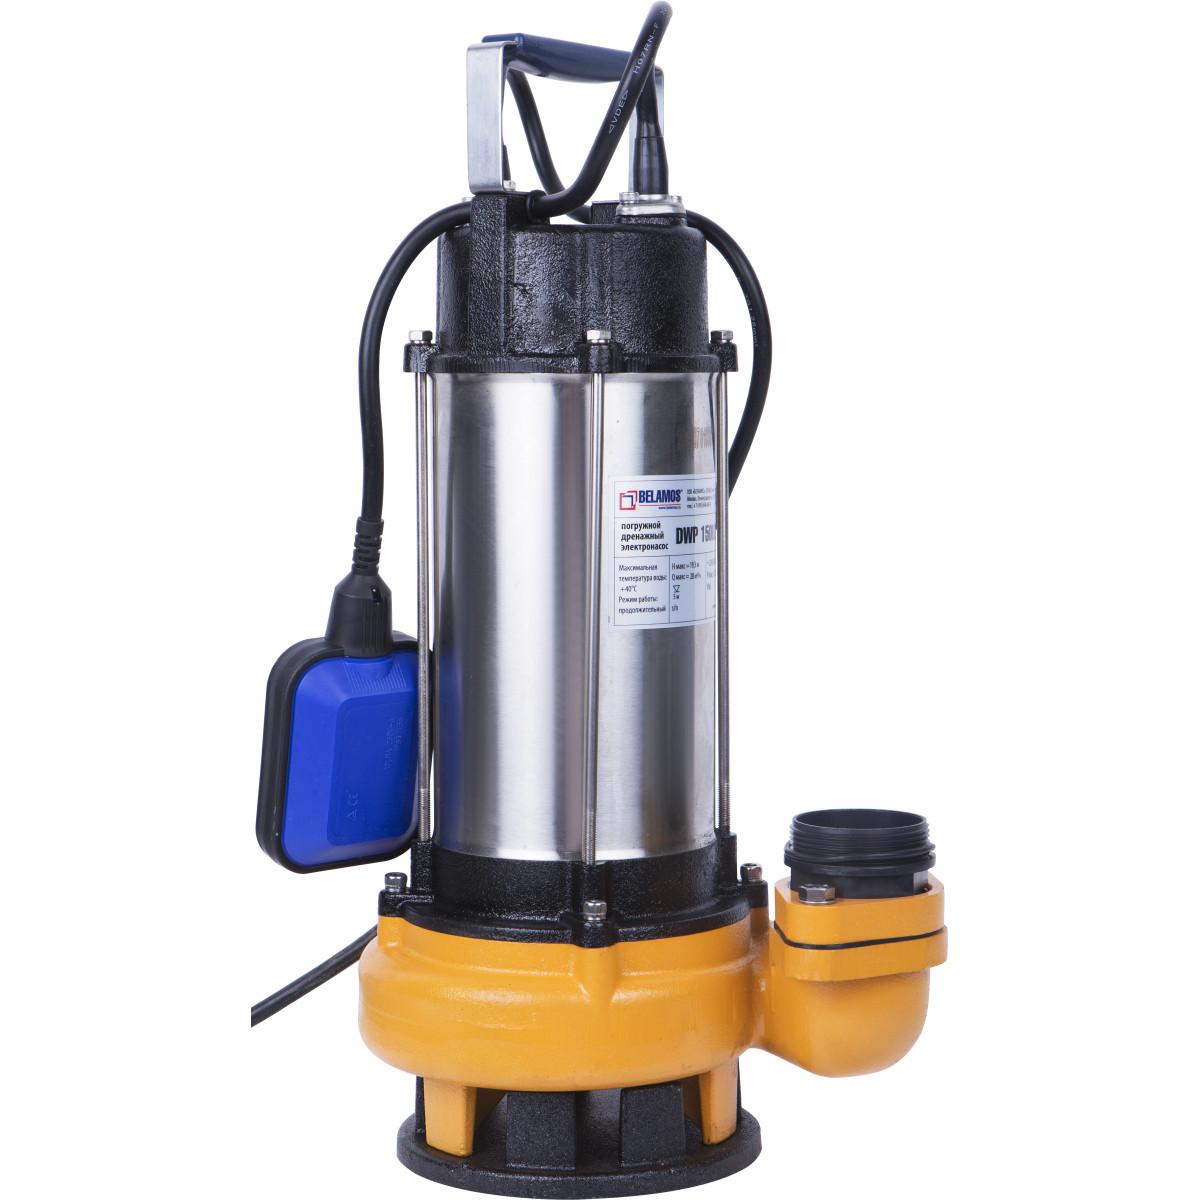 Насос погружной дренажный Belamos DWP1500/22 для грязной воды 16200 л/час